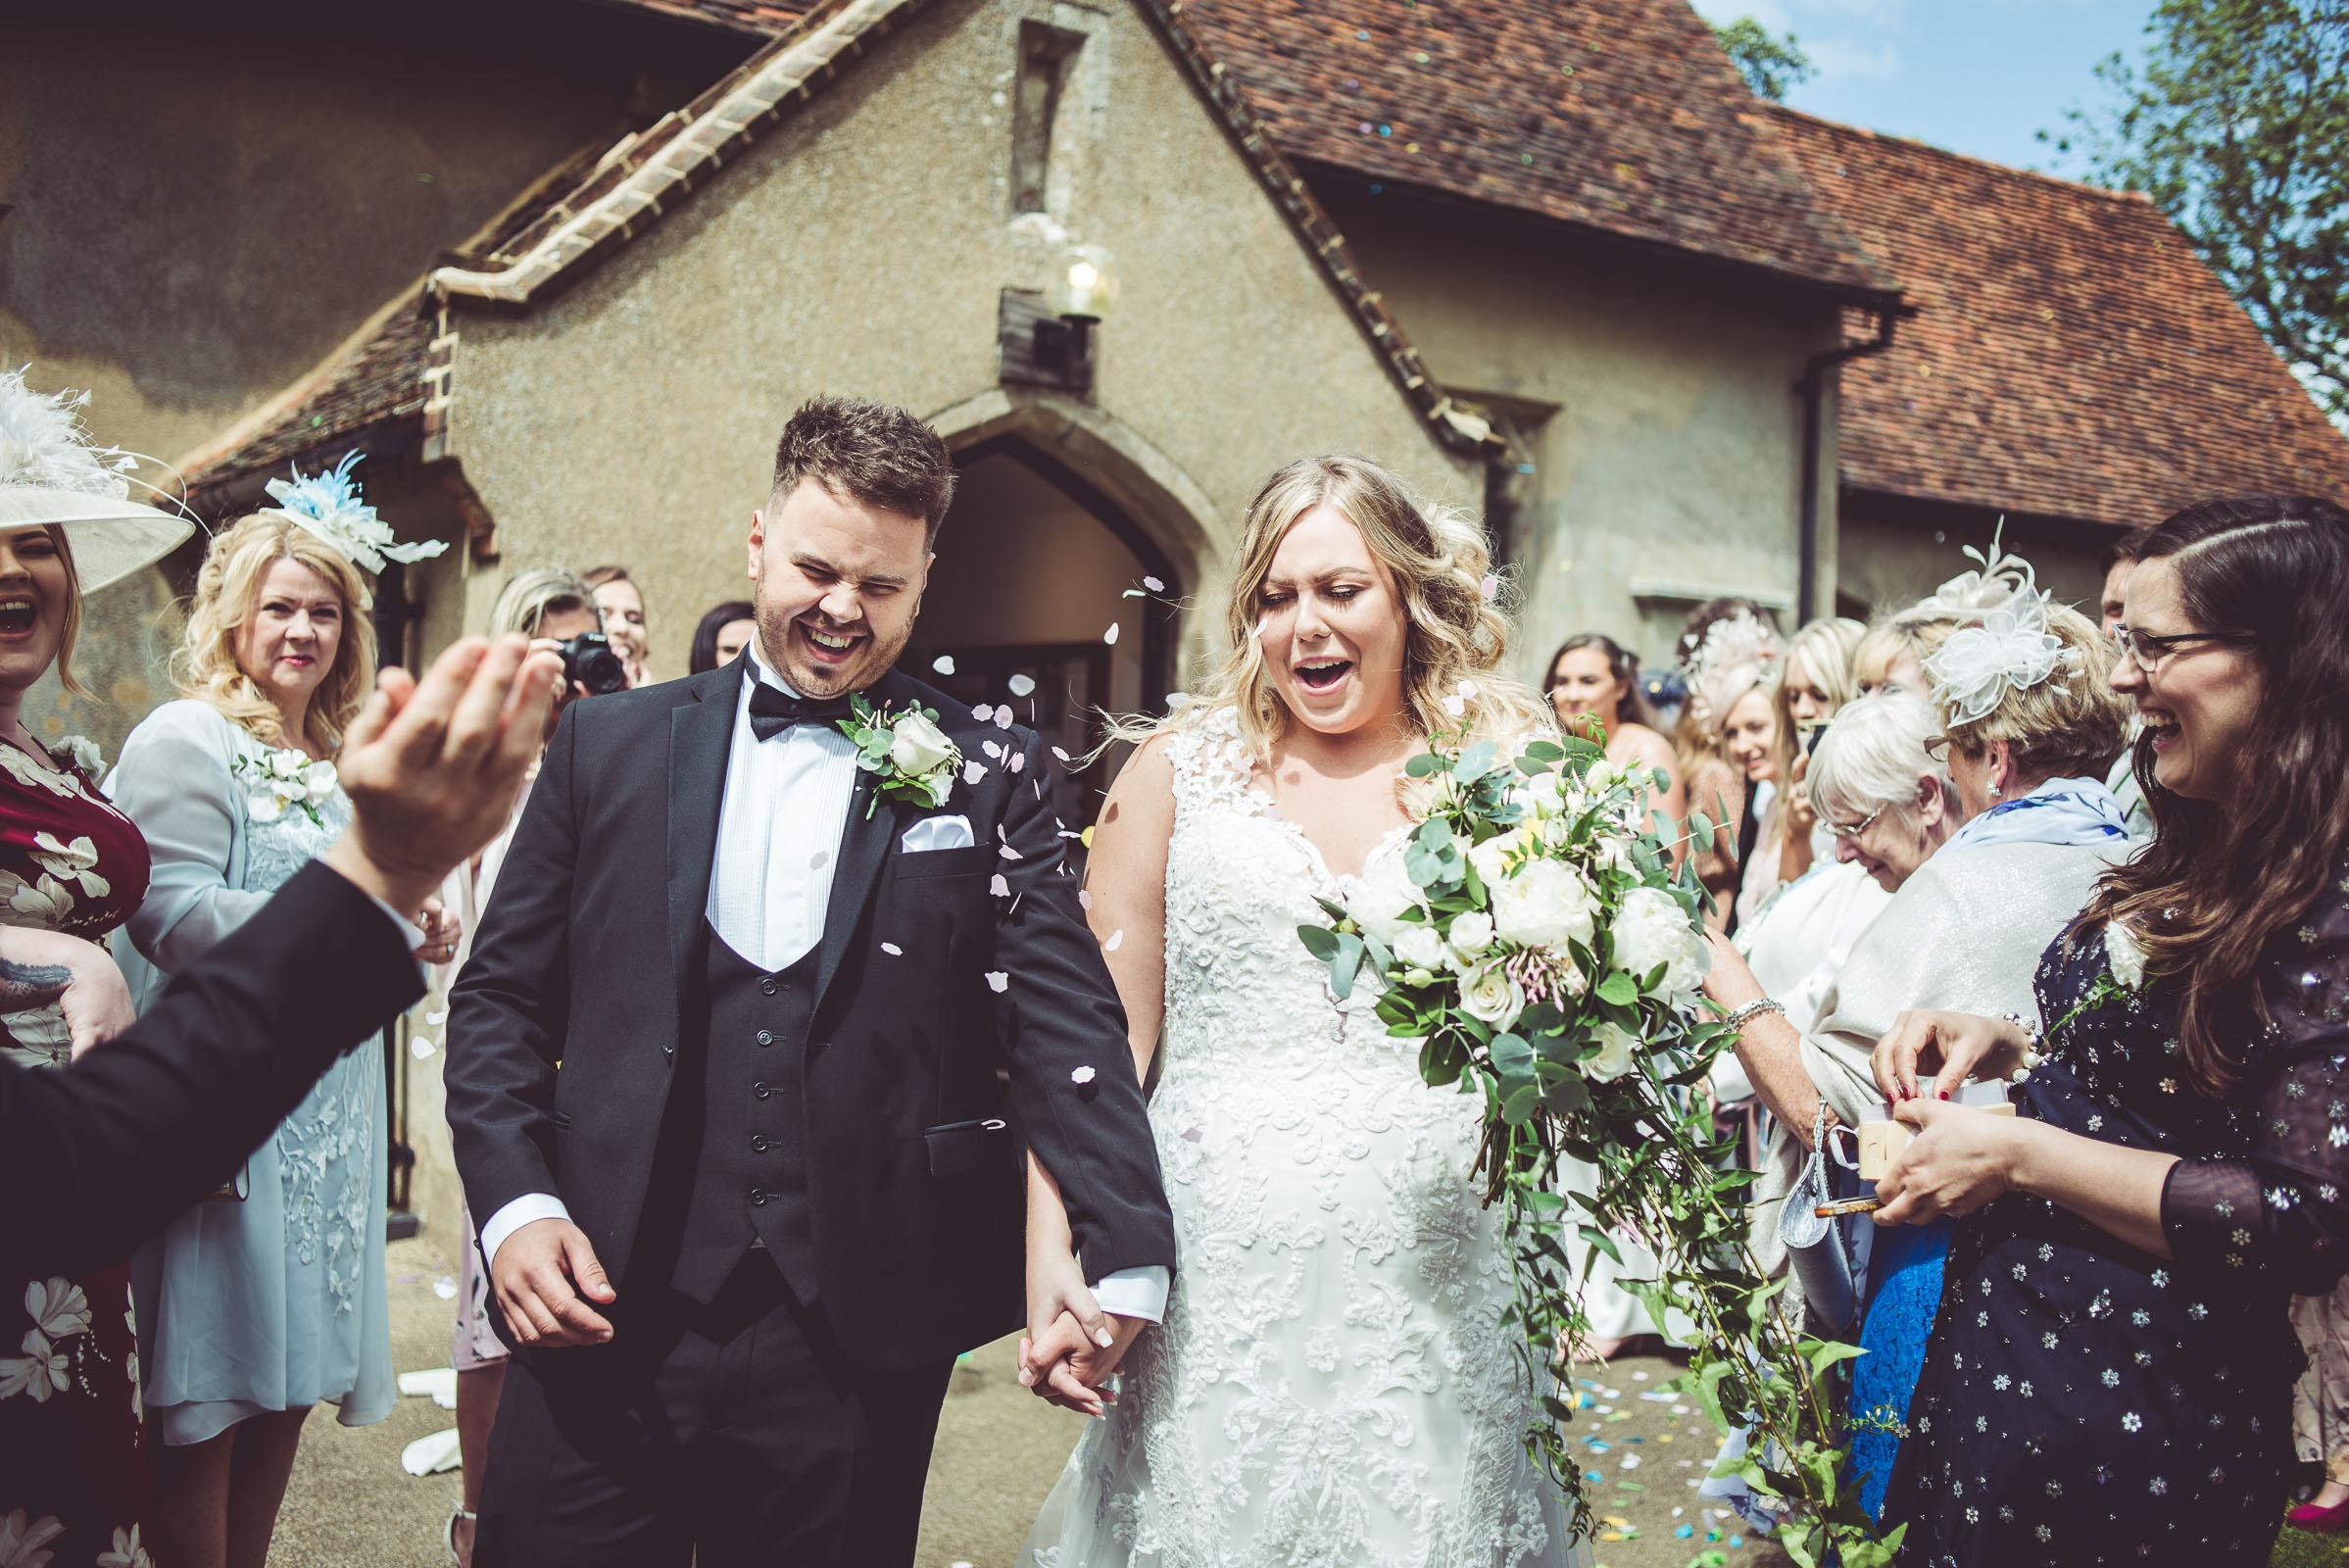 Lutonhoo-wedding-Bedfordshire-Datchworth-Tewinburyfarm-49.jpg